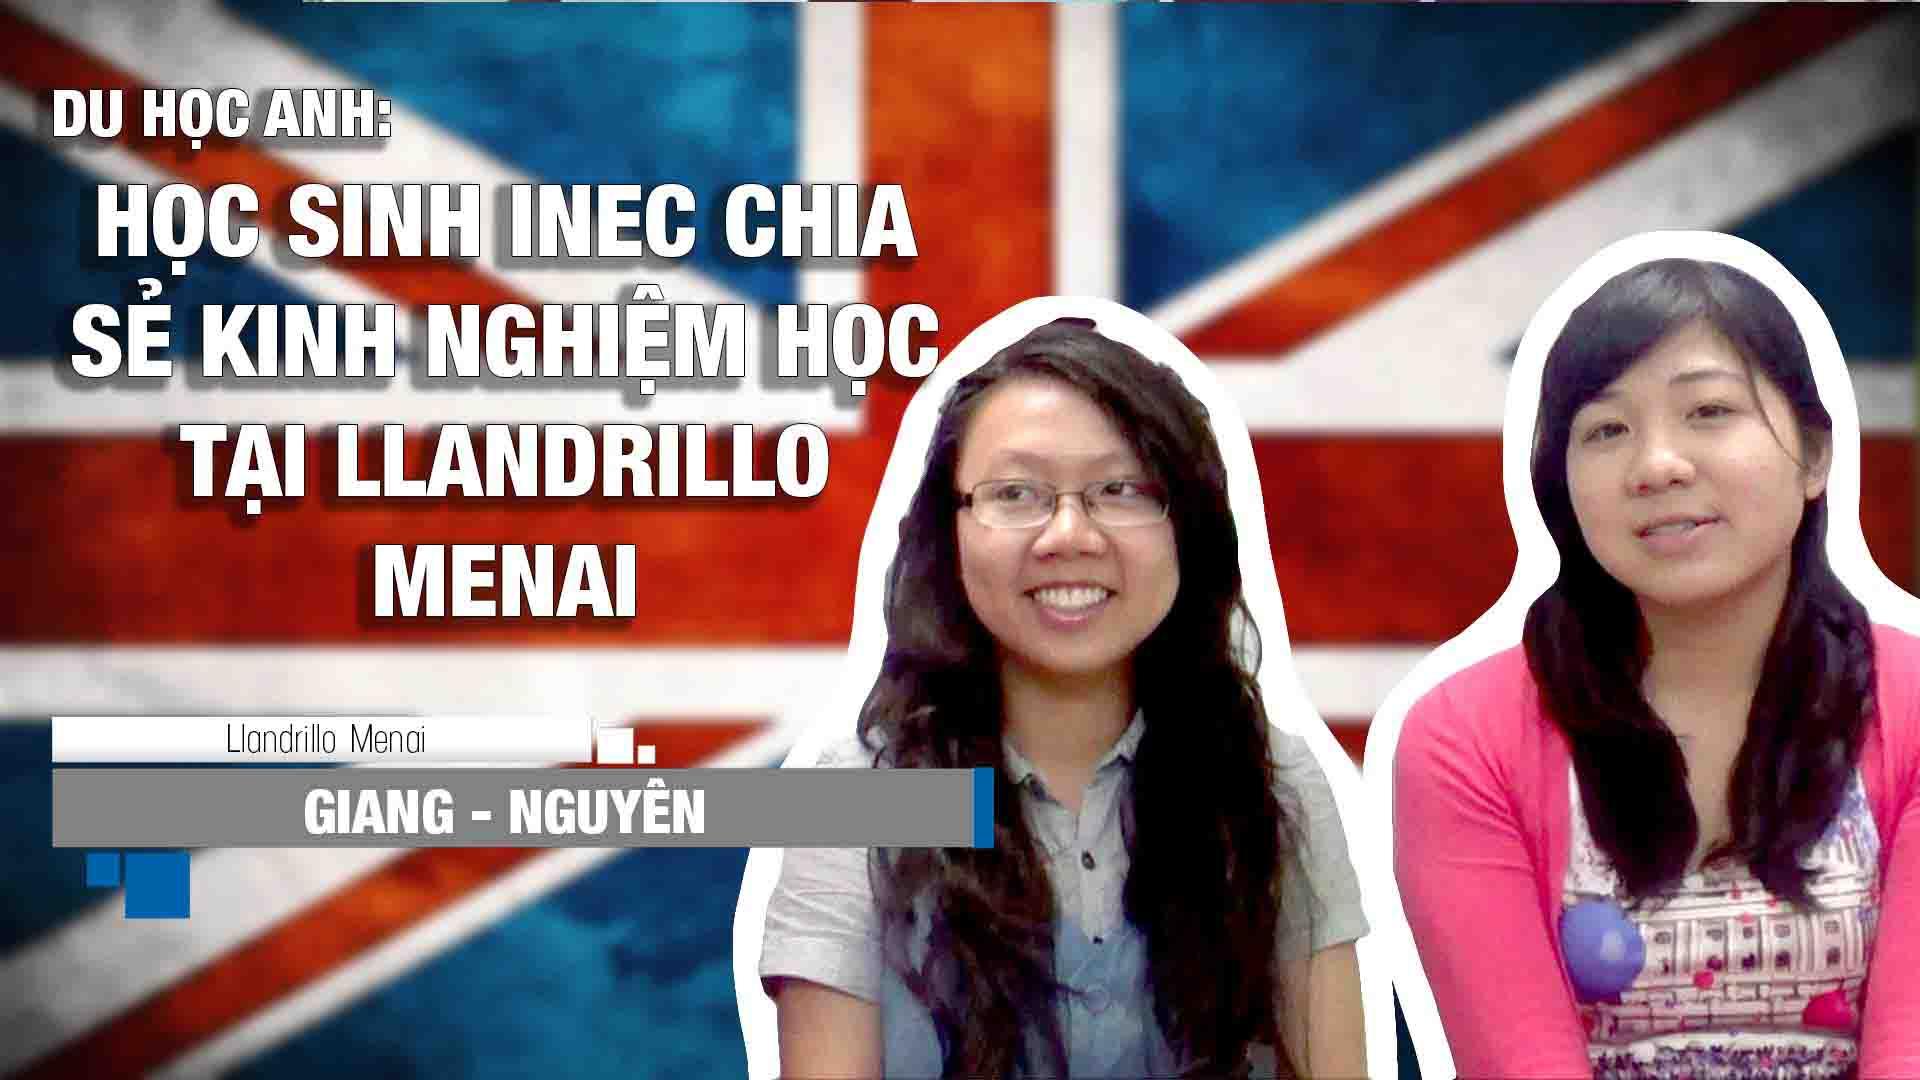 Hai bạn Giang và Nguyên đã có thời gian học tập tại trường Cao đẳng Llandrillo Menai. Video chia sẻ về kinh nghiệm học tập cũng như môi trường học tại Anh Quốc.